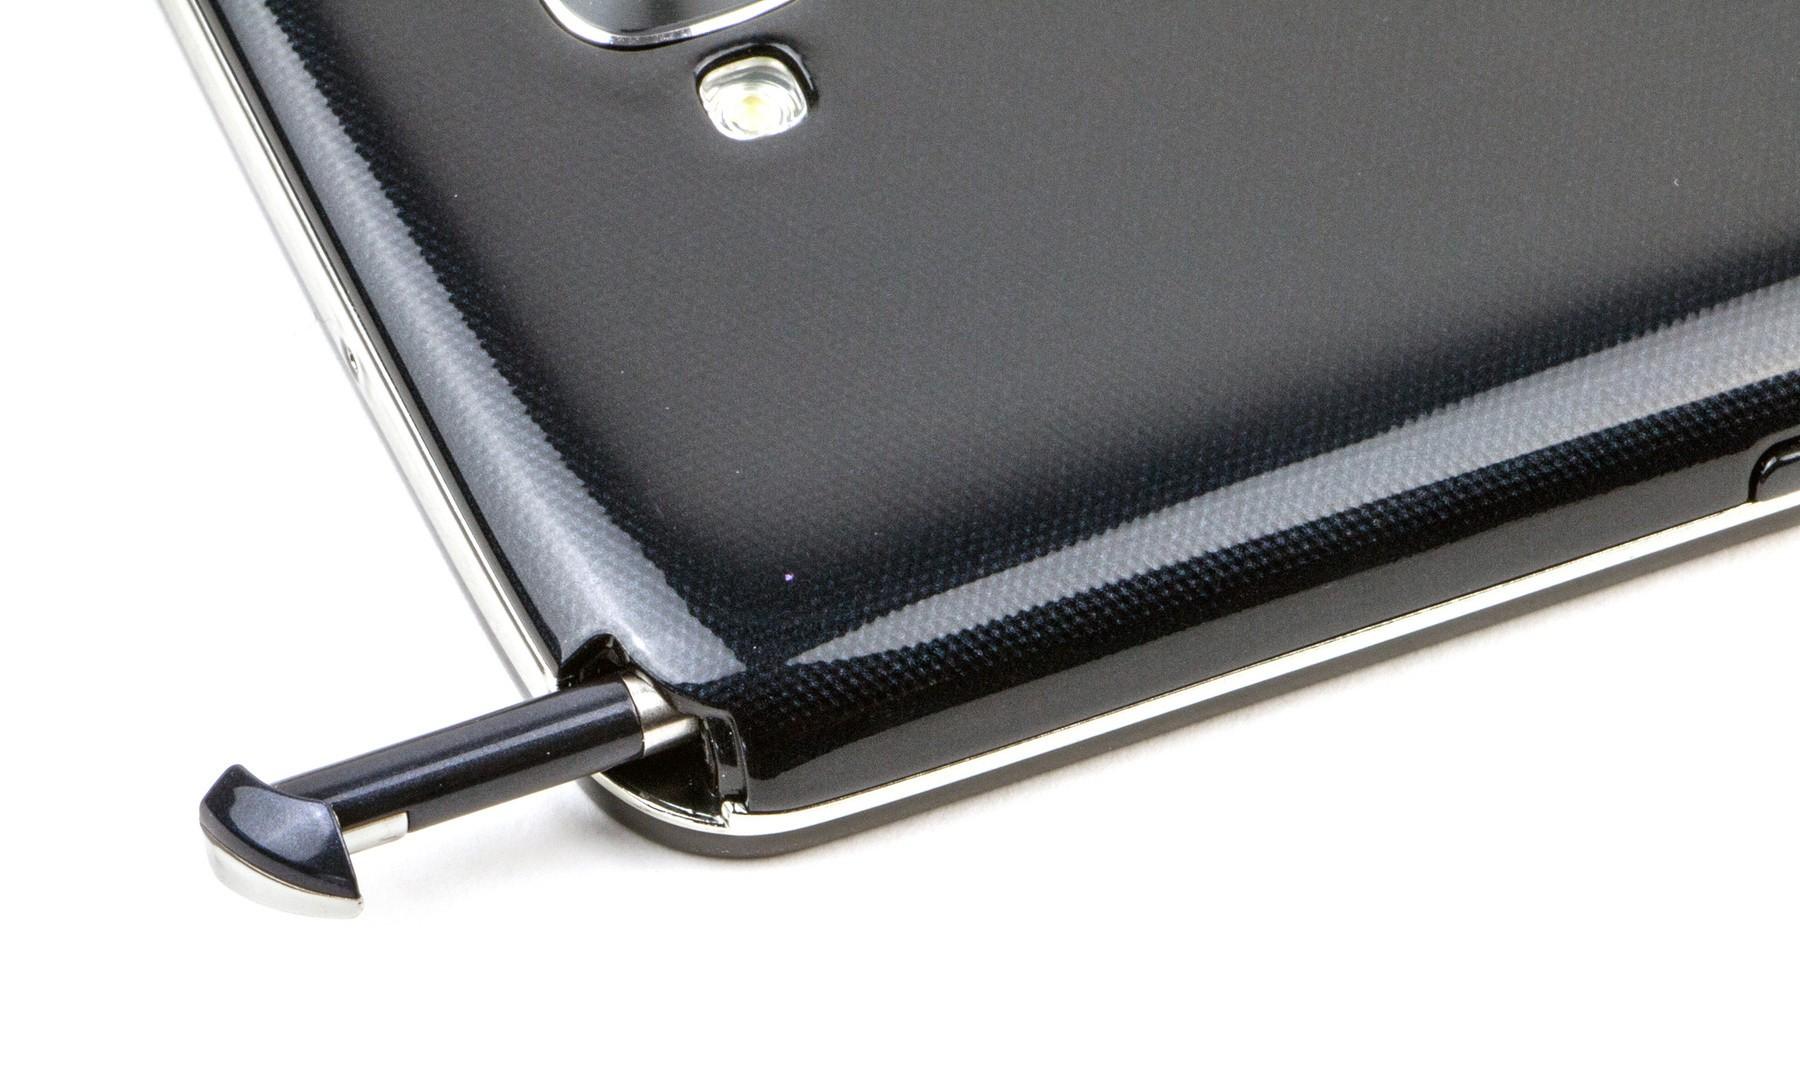 LG G4 - LG G4 sẽ tích hợp sẵn bút cảm ứng